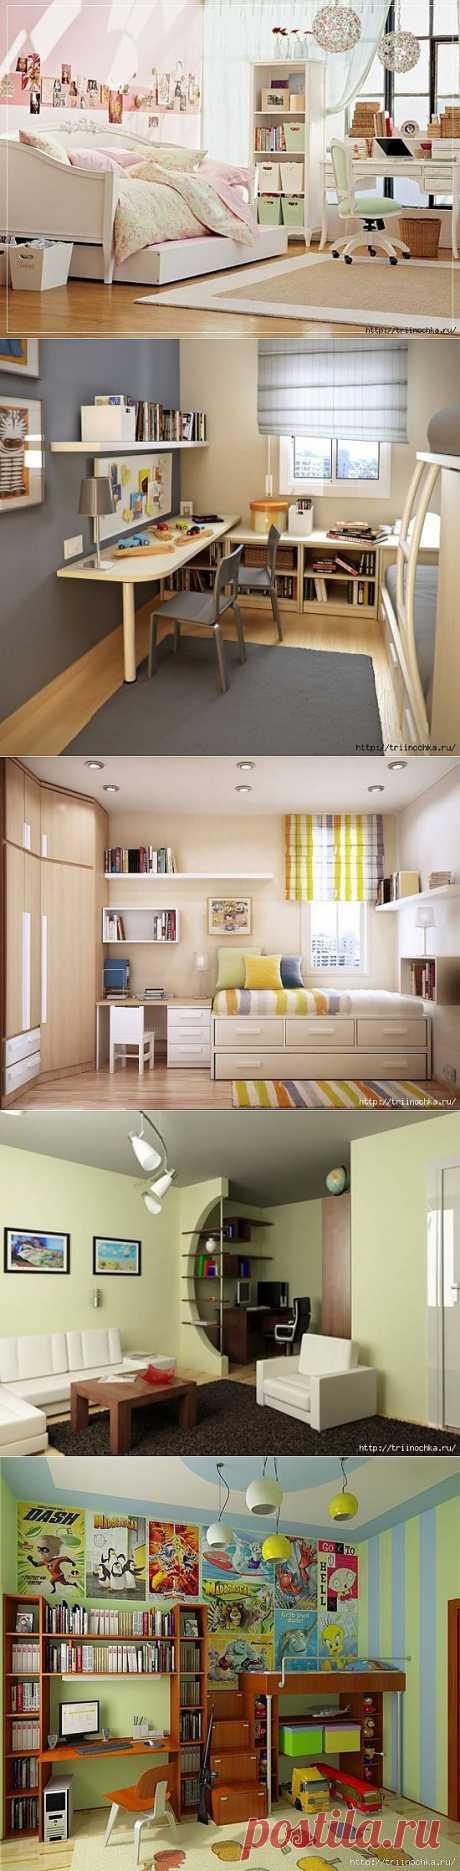 Уютный и комфортный дом на маленькой площади..